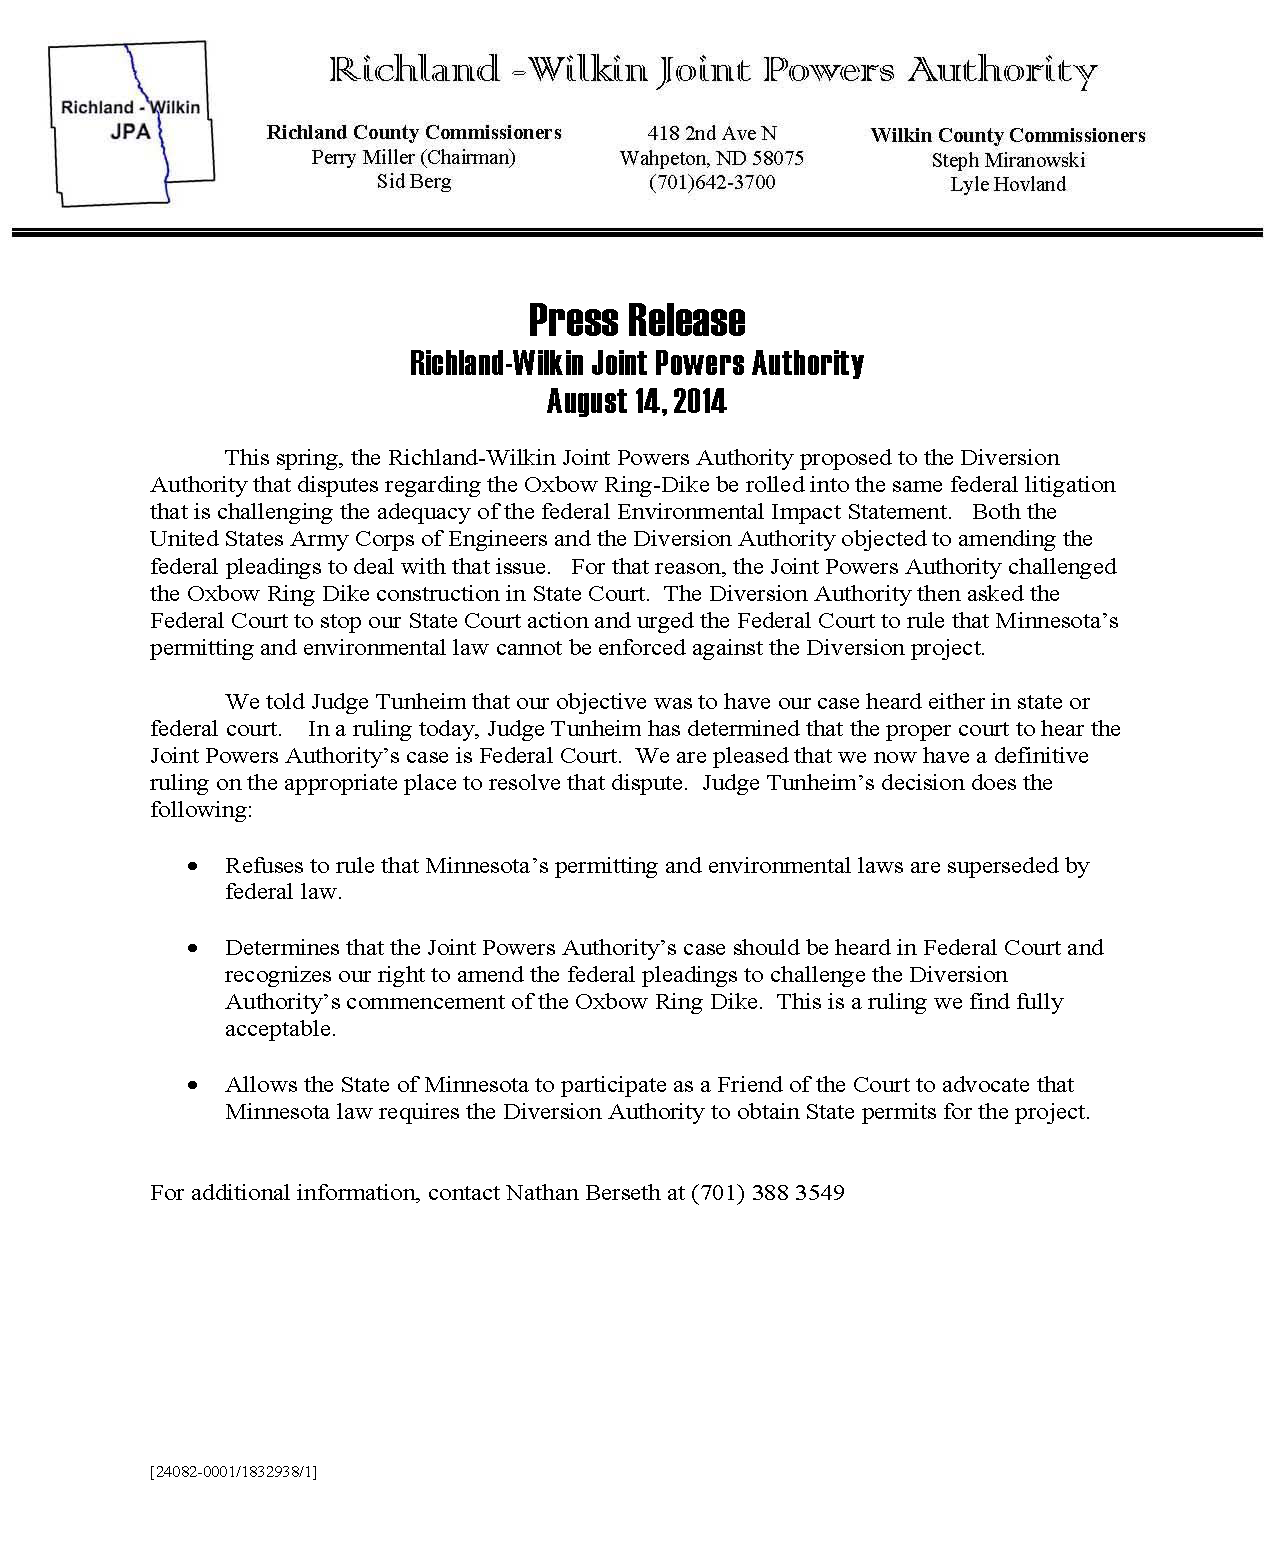 Press Release 8-14-2014